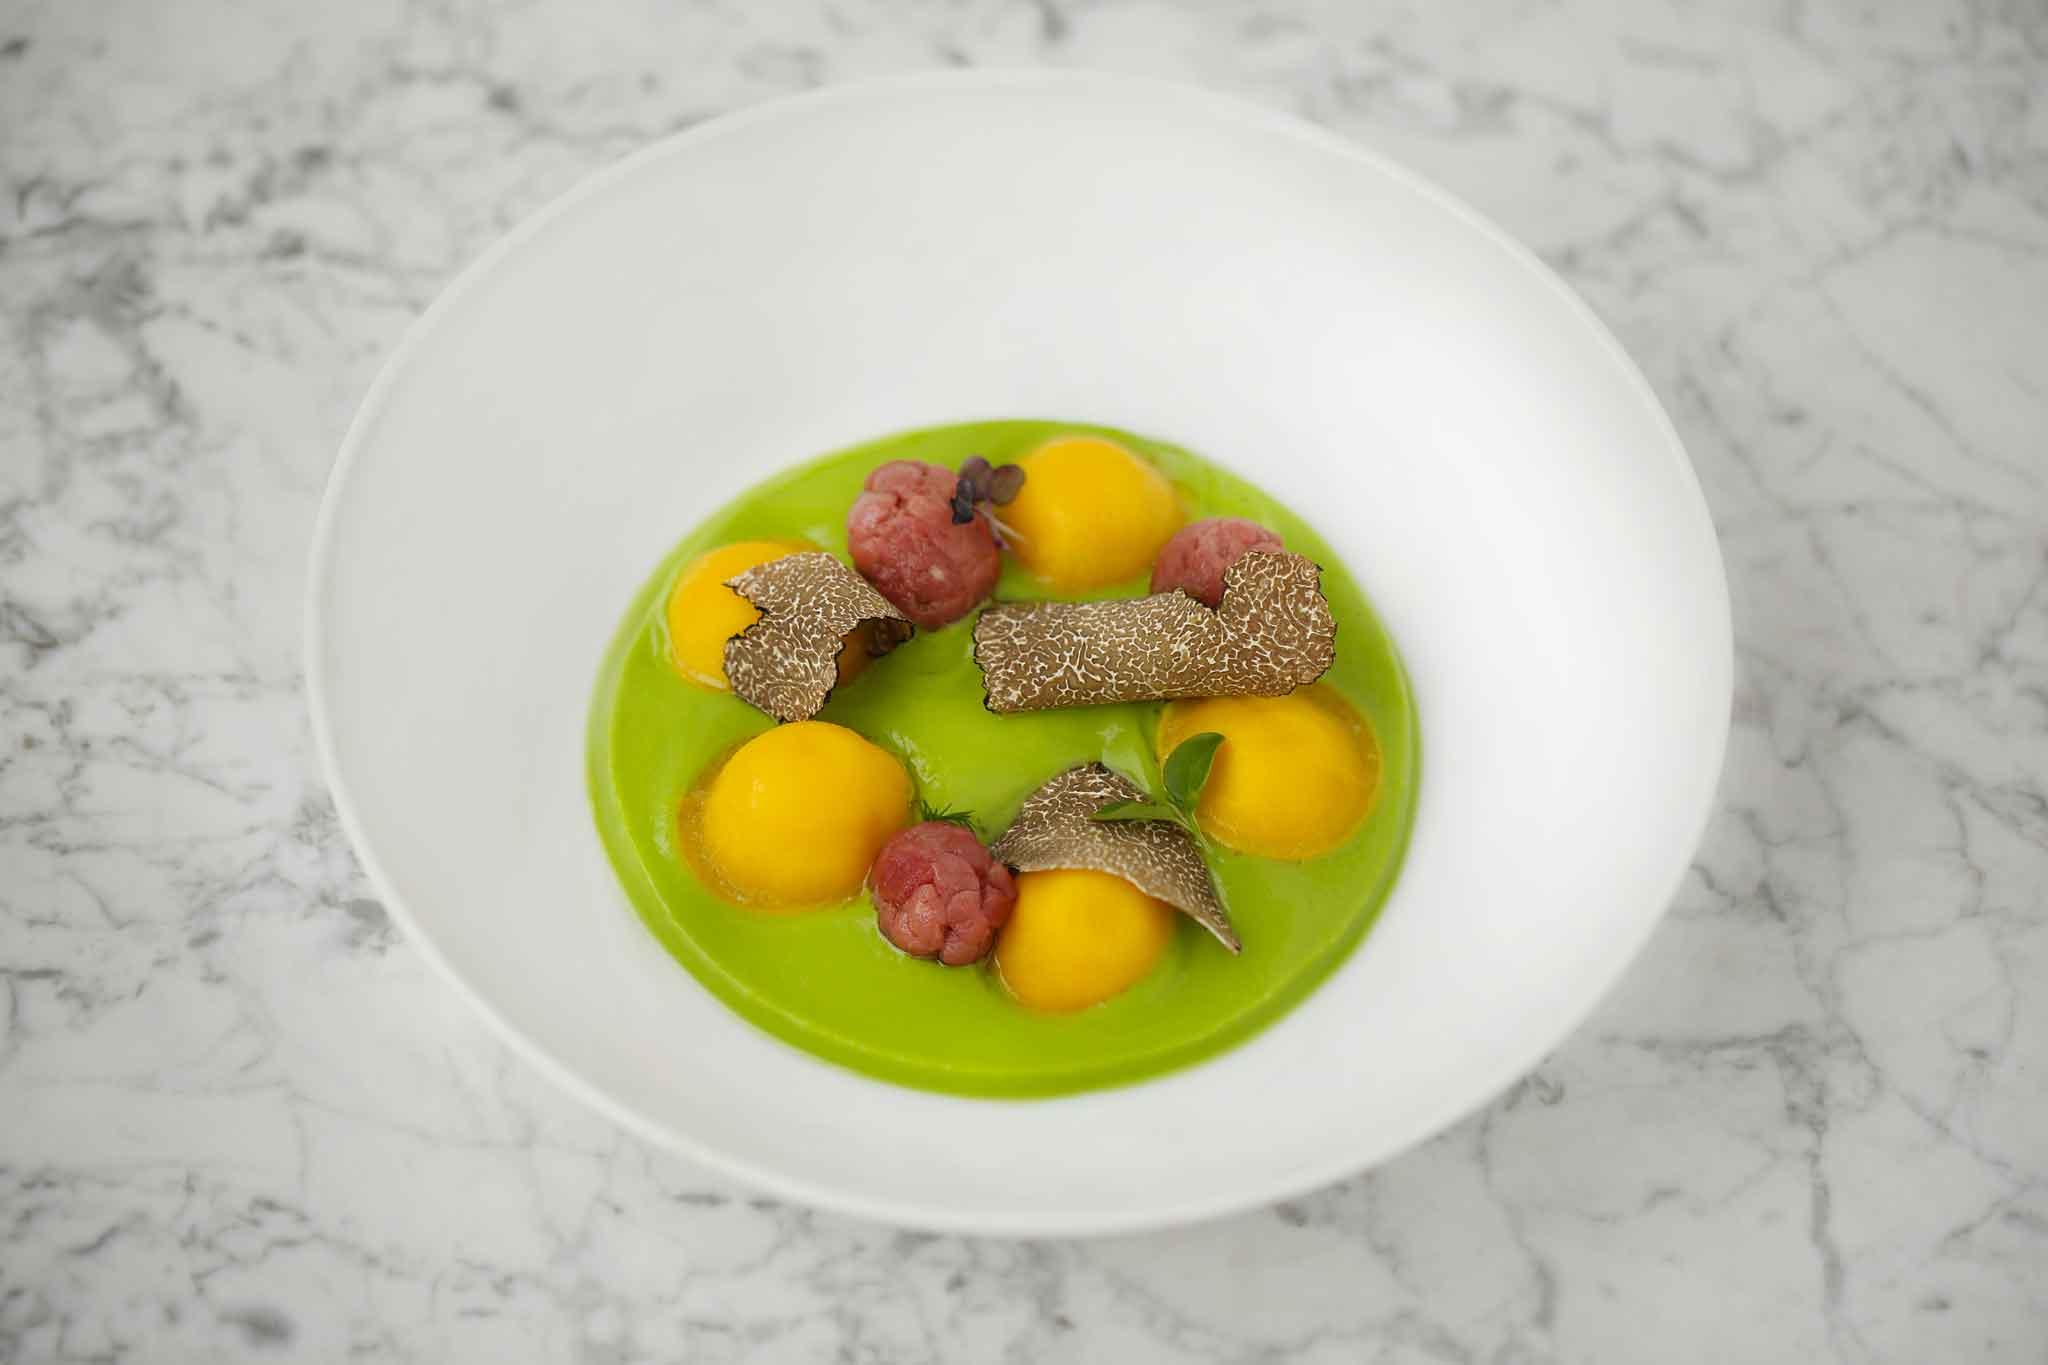 raviolo-cacio-e-pepe-broccoli-salsiccia-di-bra-foto-by-f-r